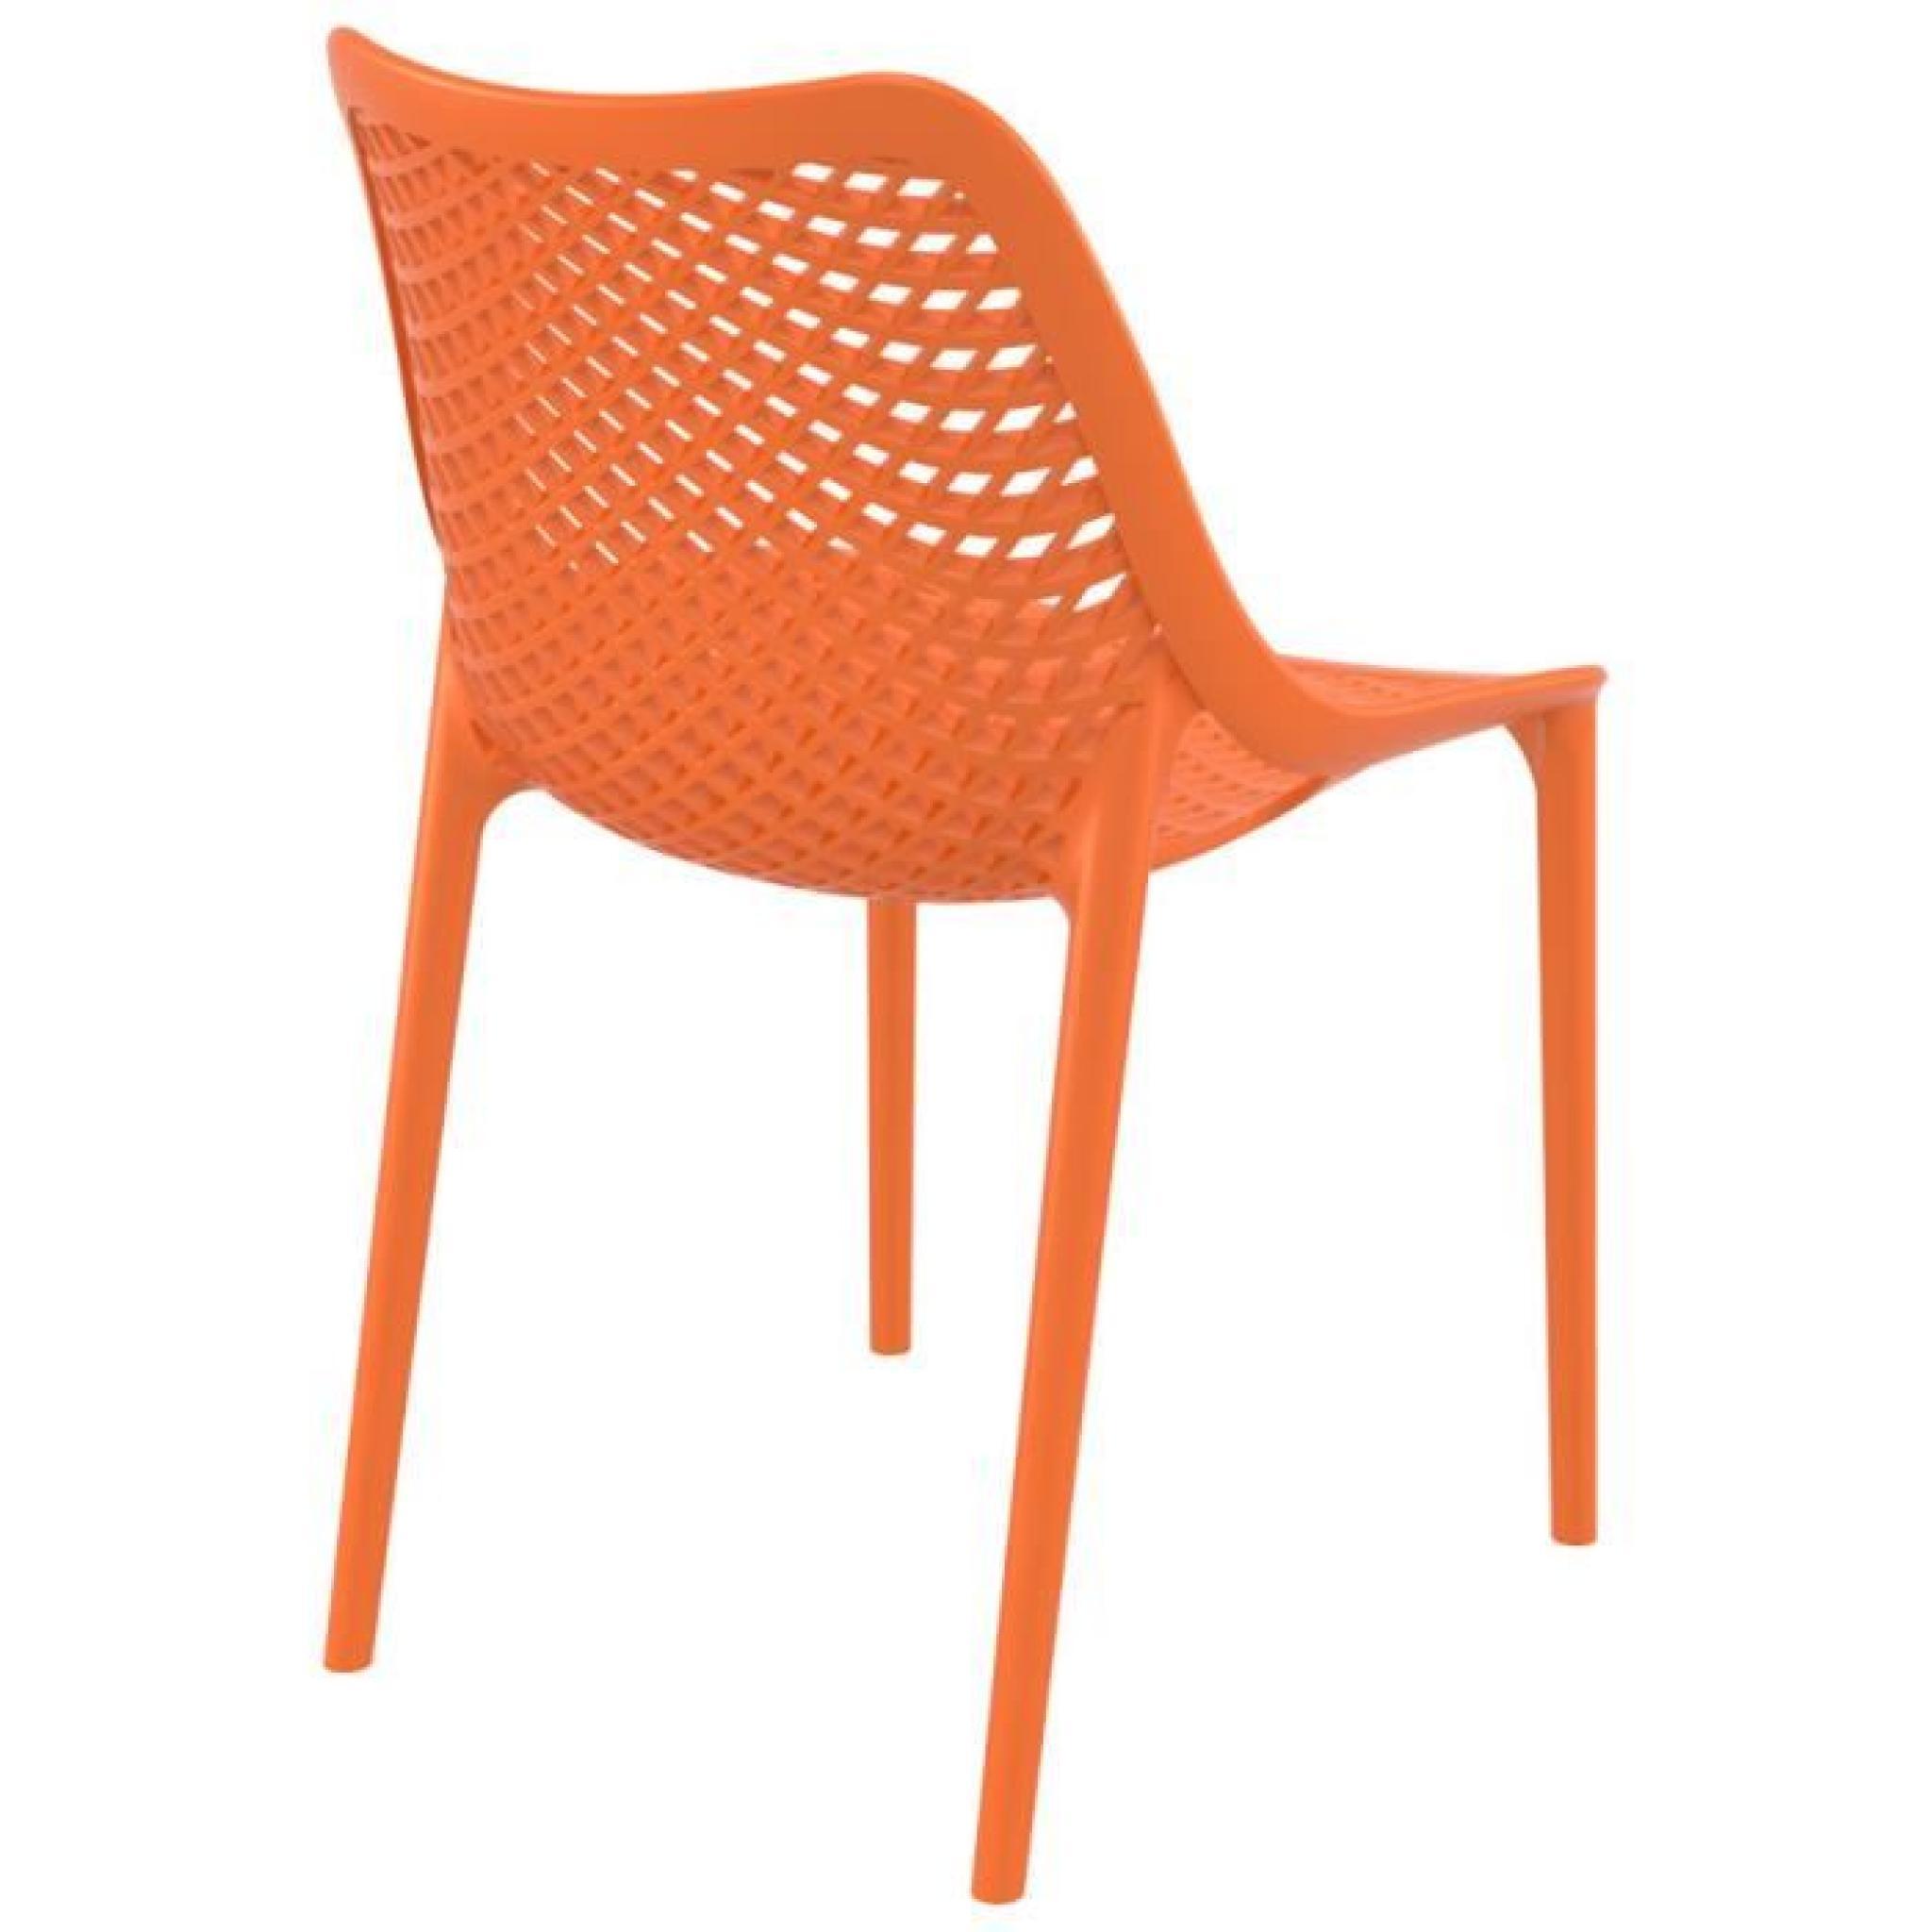 Chaise Moderne Pas Cher.Chaise Moderne Blow Orange En Matiere Plast